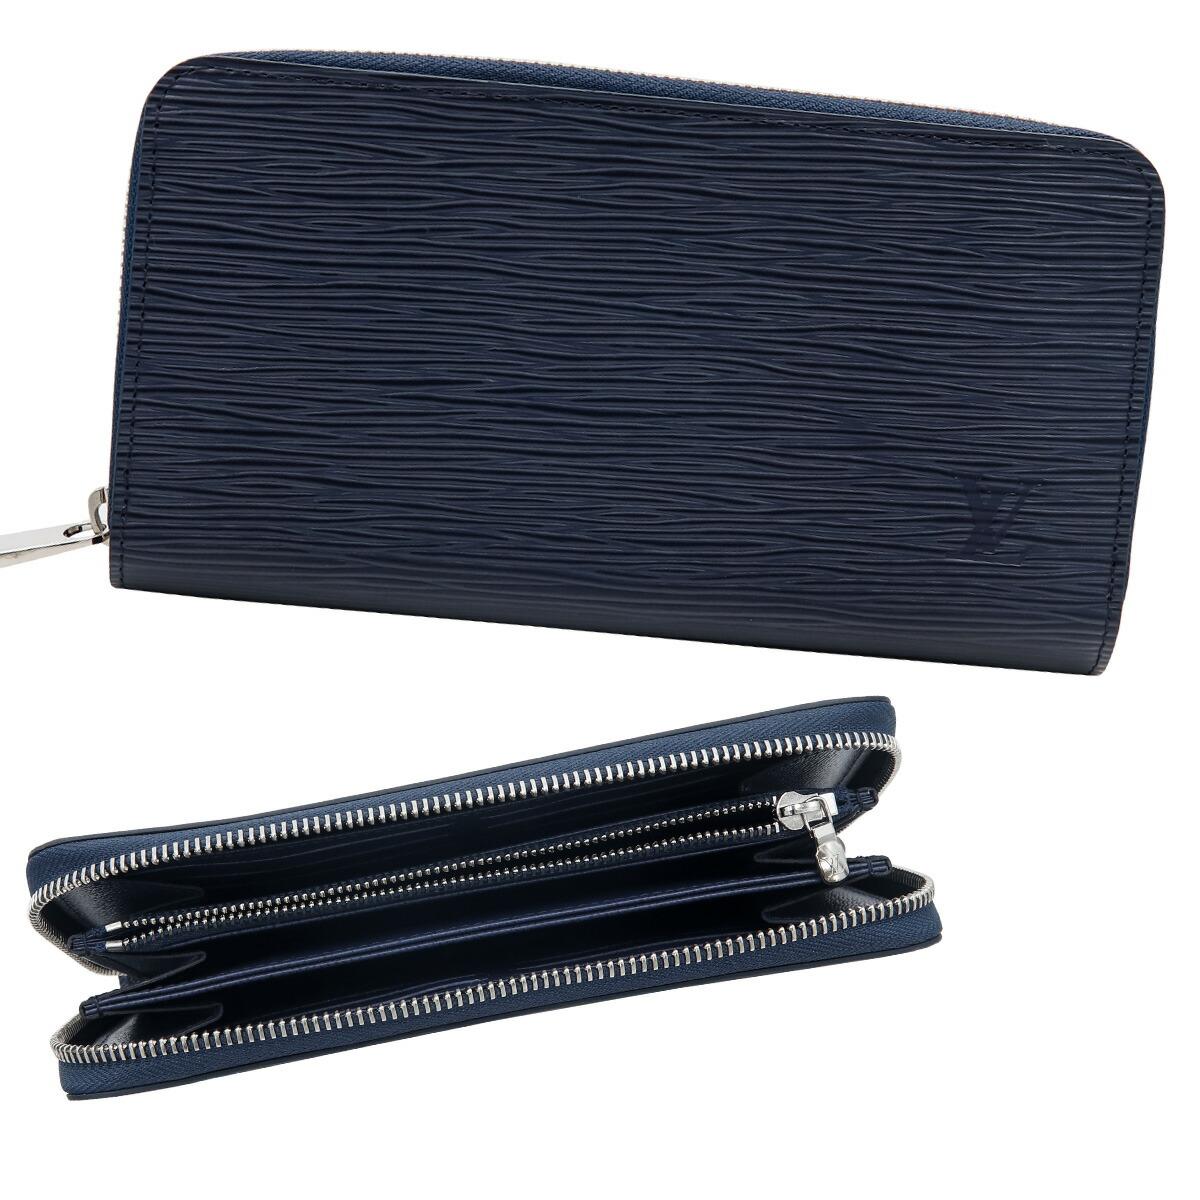 ルイヴィトン ヴィトン LOUIS VUITTON 財布 長財布 レディース ラウンドファスナー エピ ジッピー・ウォレット アンディゴ